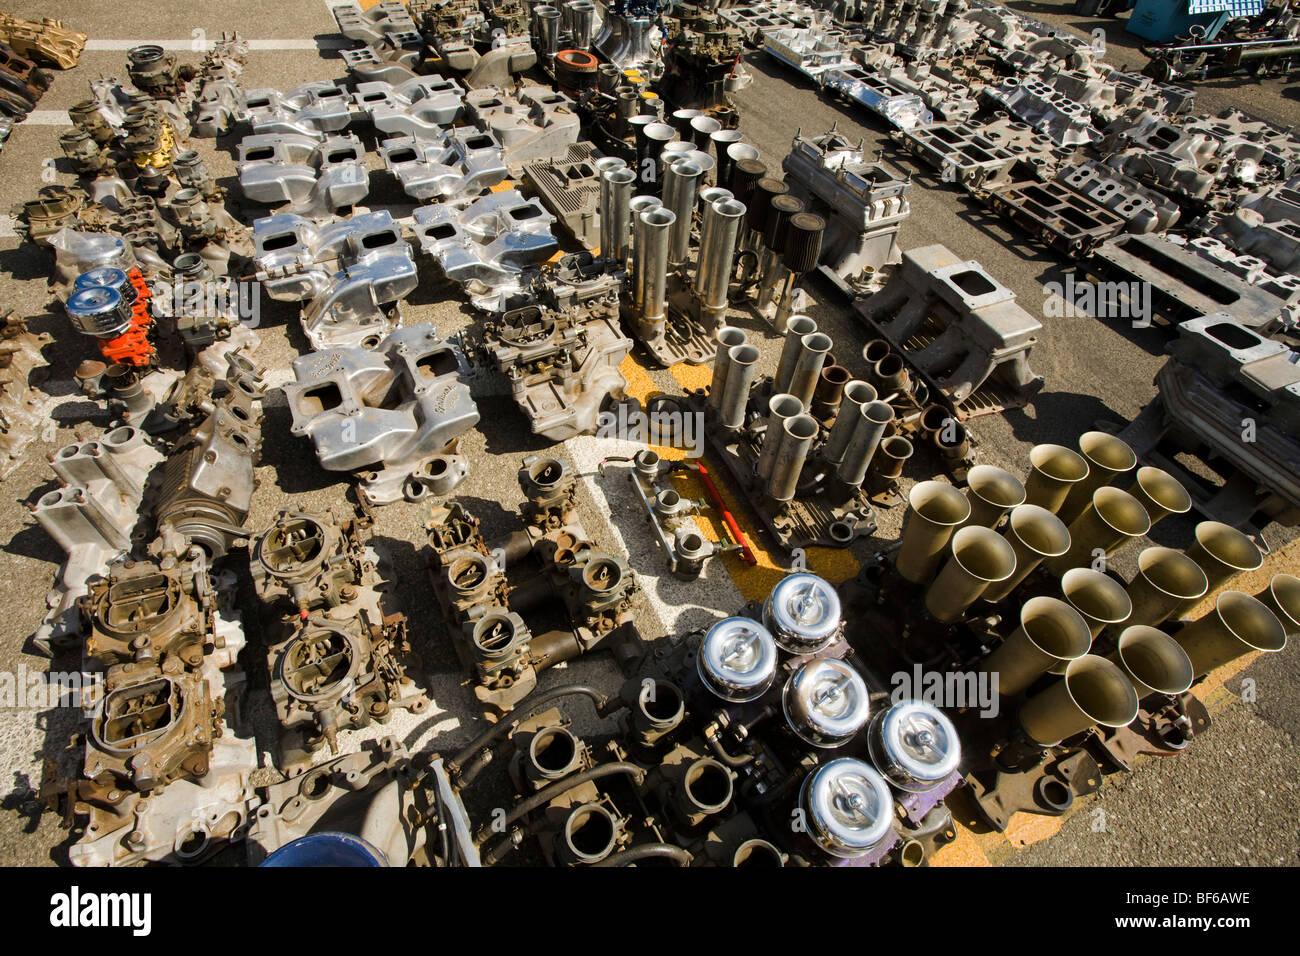 Car Parts Pomona Auto Swap Meet For Cars Antiqie Autos Car Parts